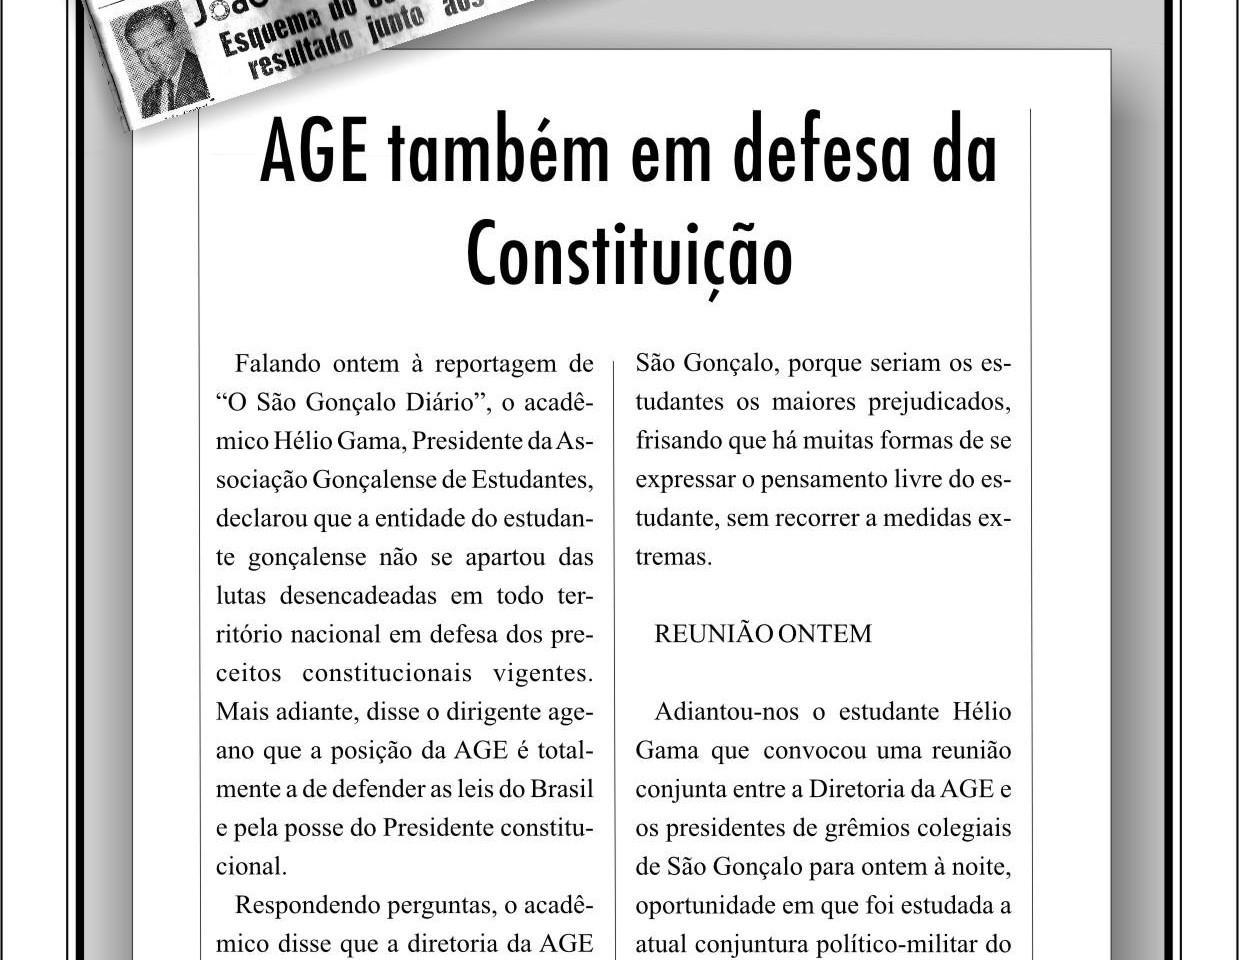 AGE também em defesa da Constituição